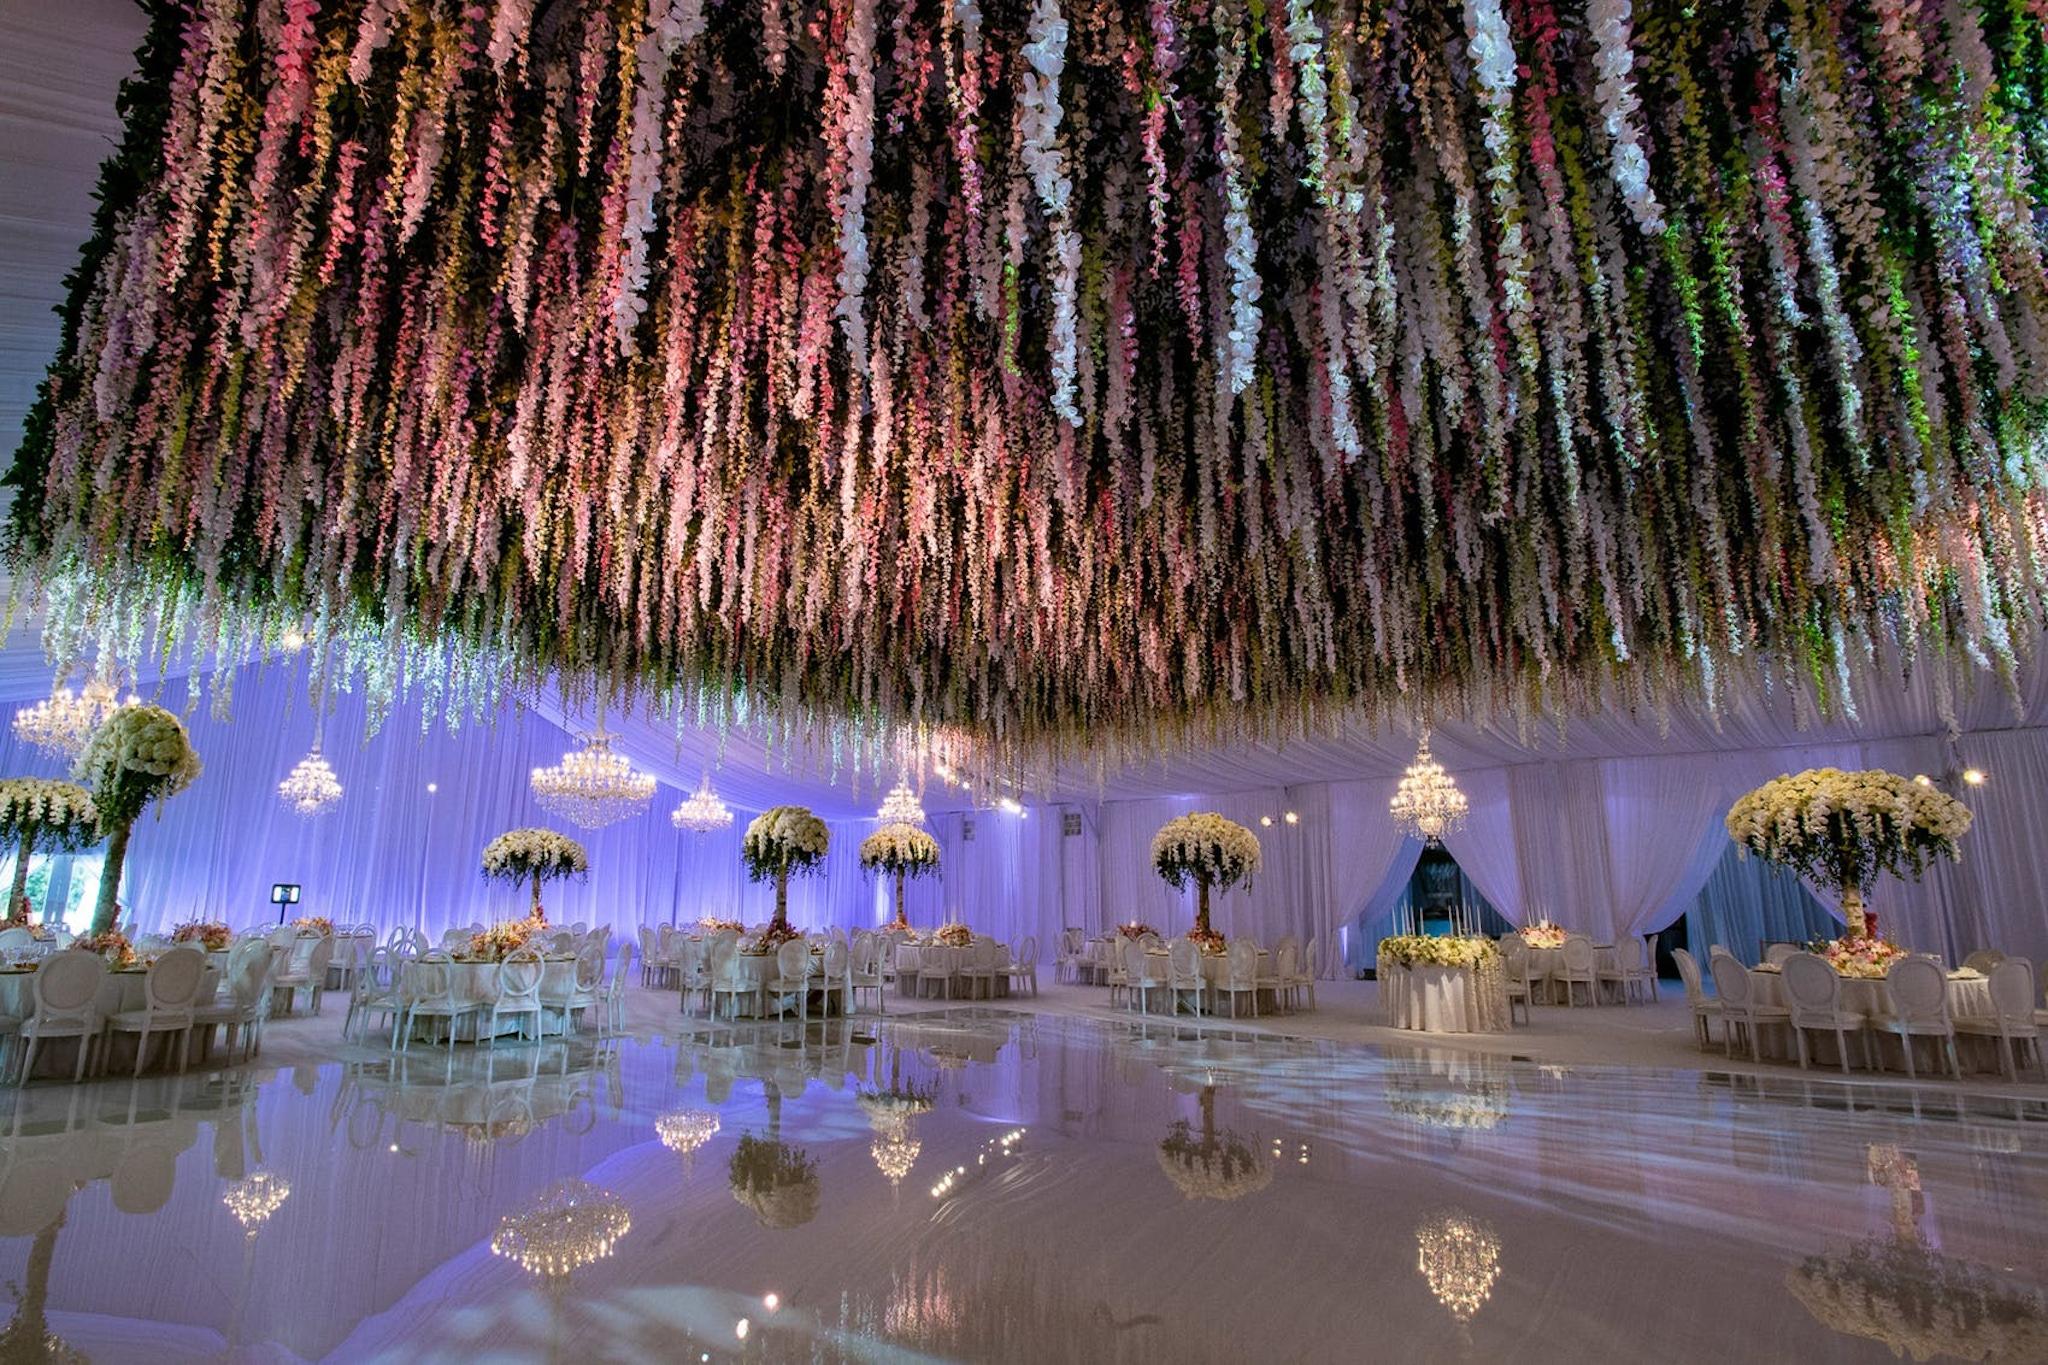 floral fringe filling the ceiling of a wedding dance floor